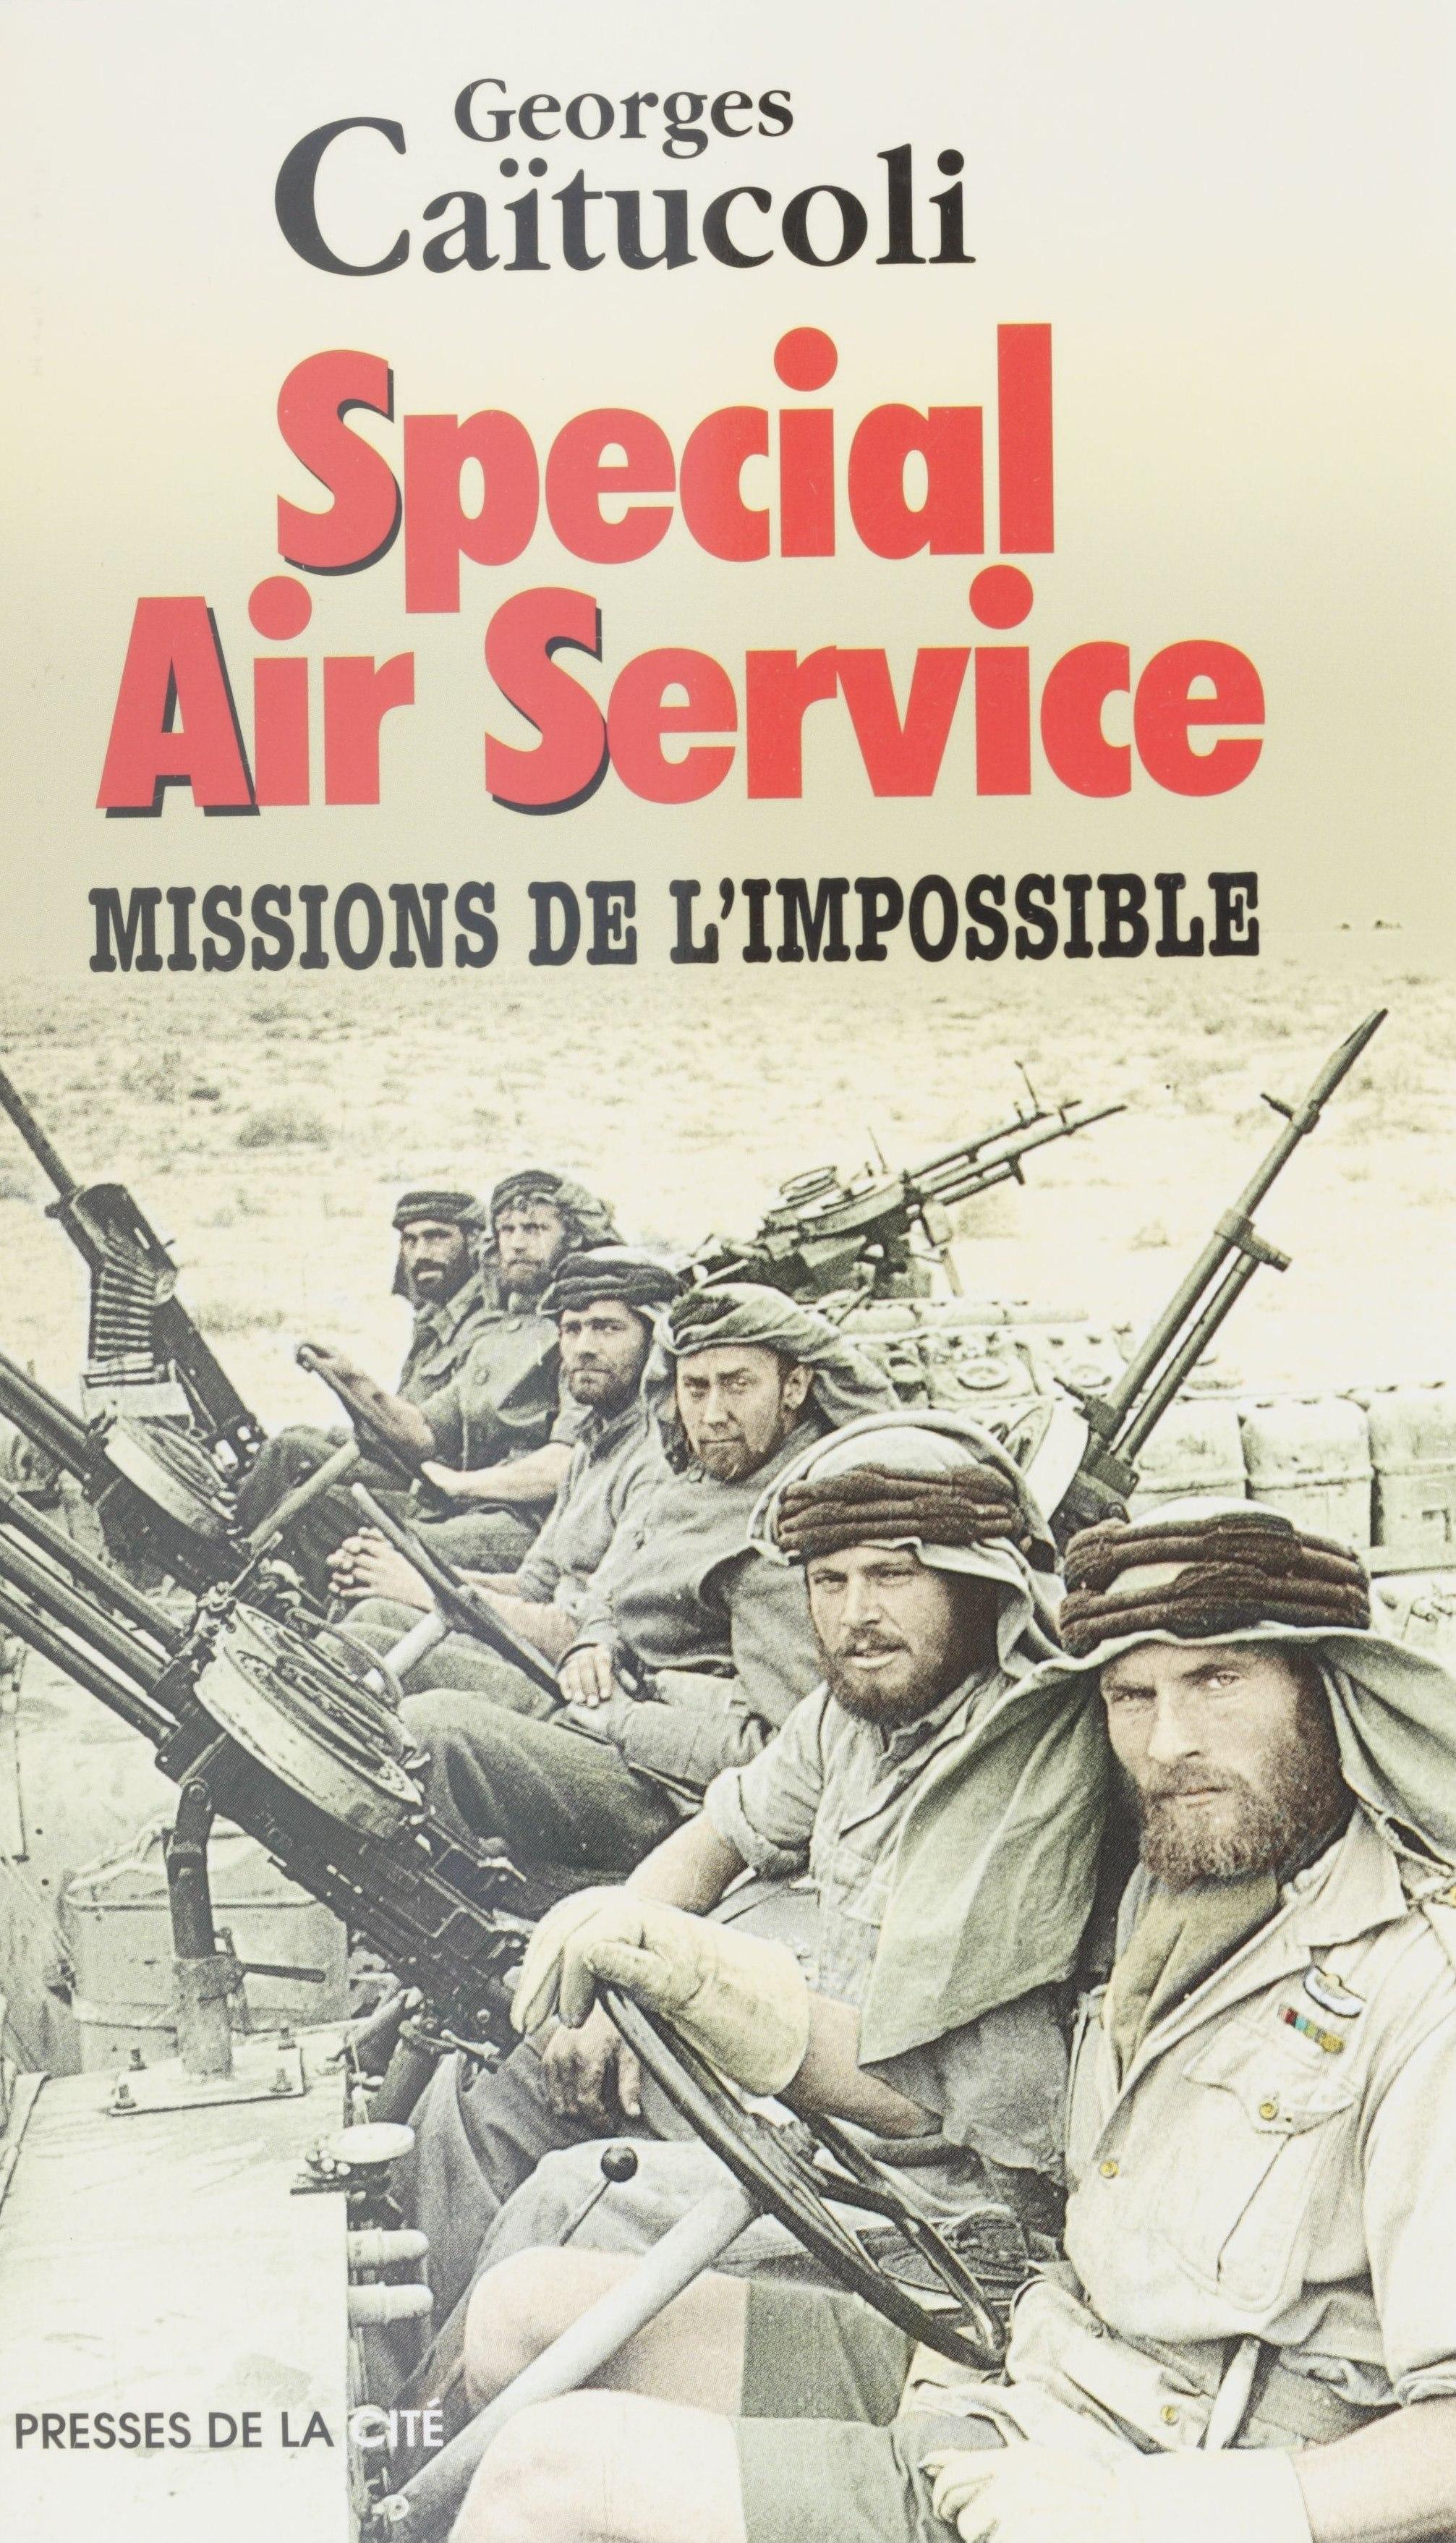 Spécial Air Service